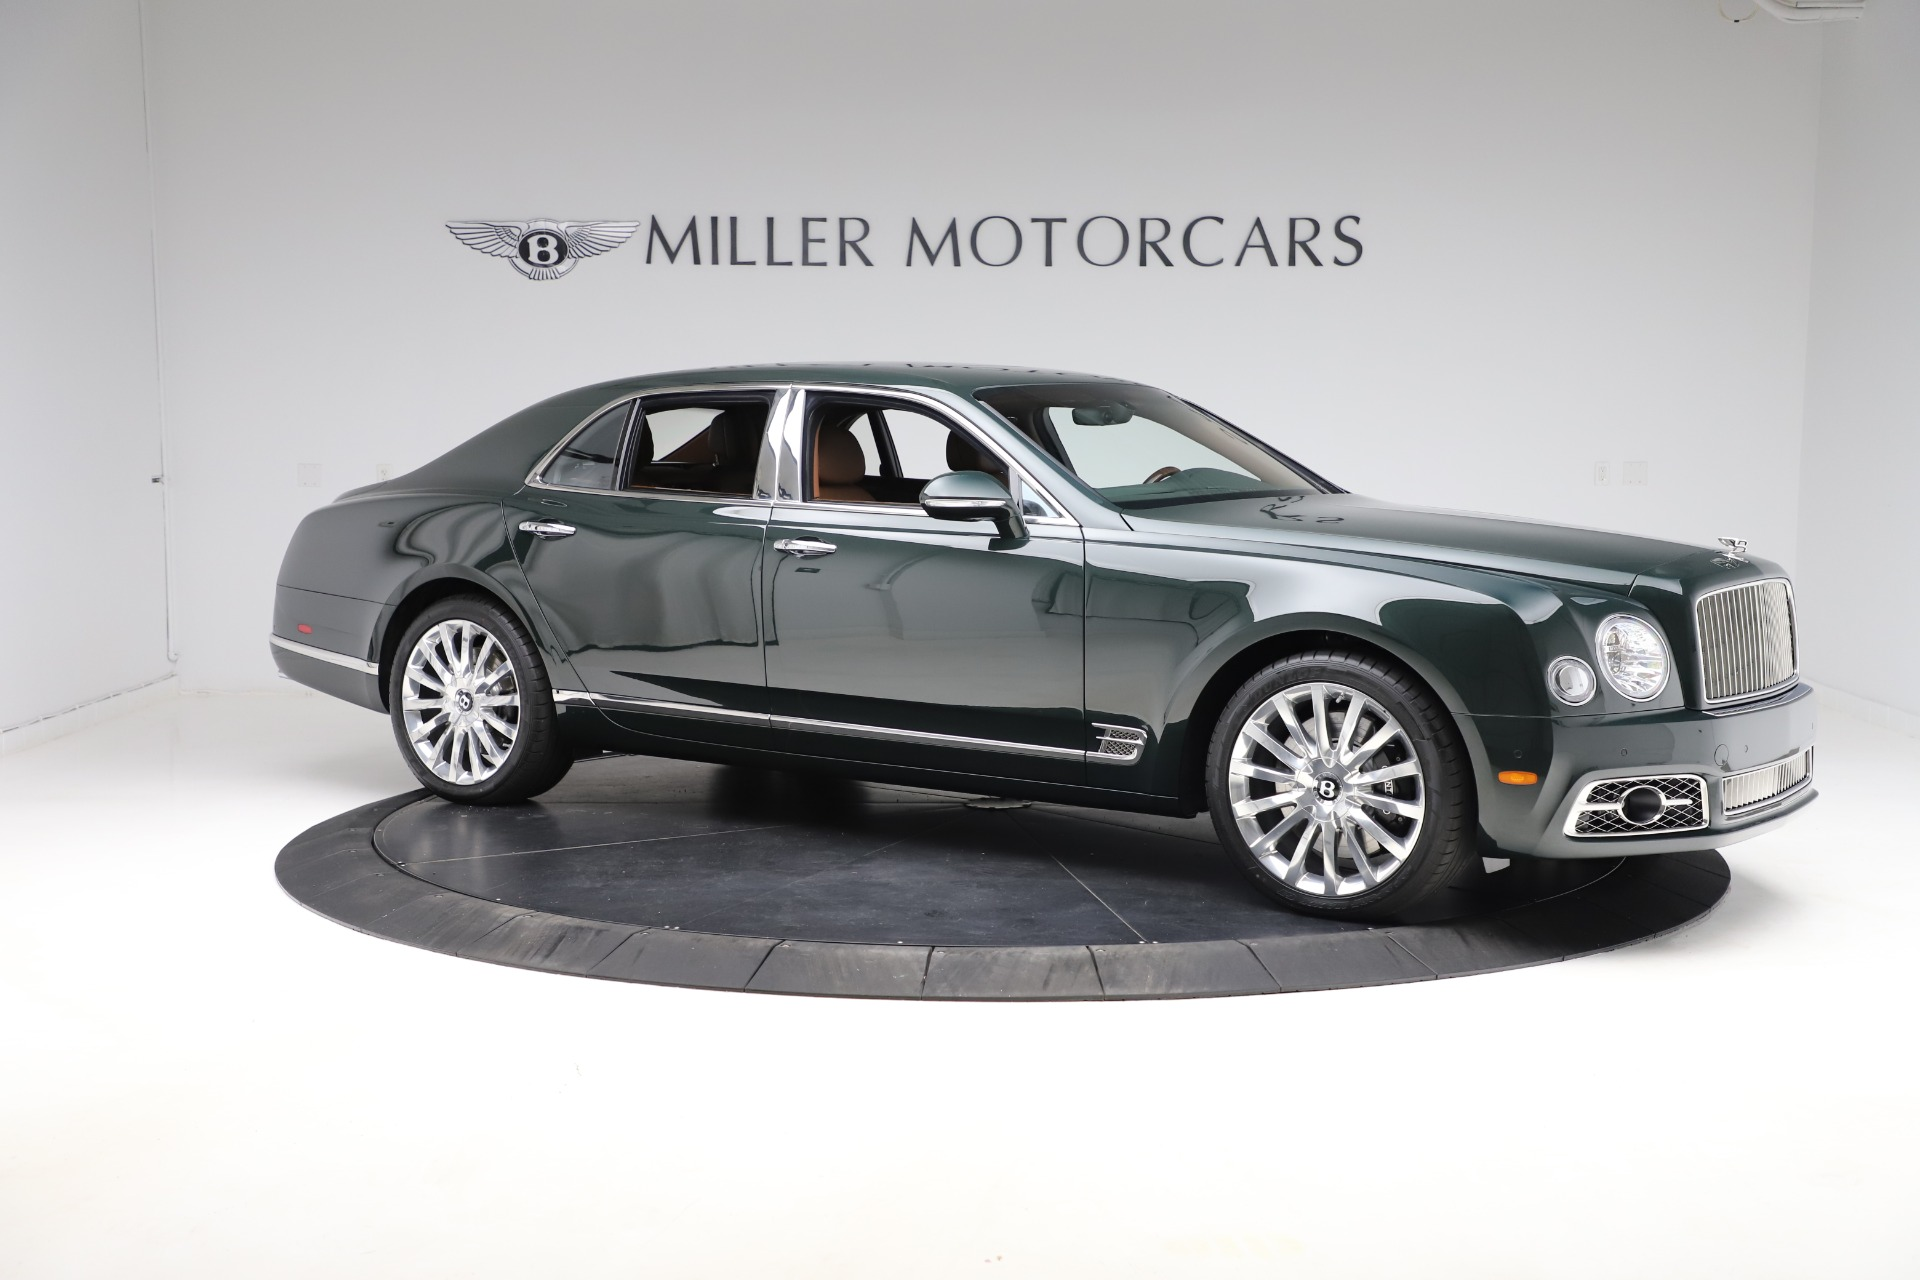 New 2020 Bentley Mulsanne For Sale Miller Motorcars Stock B1499